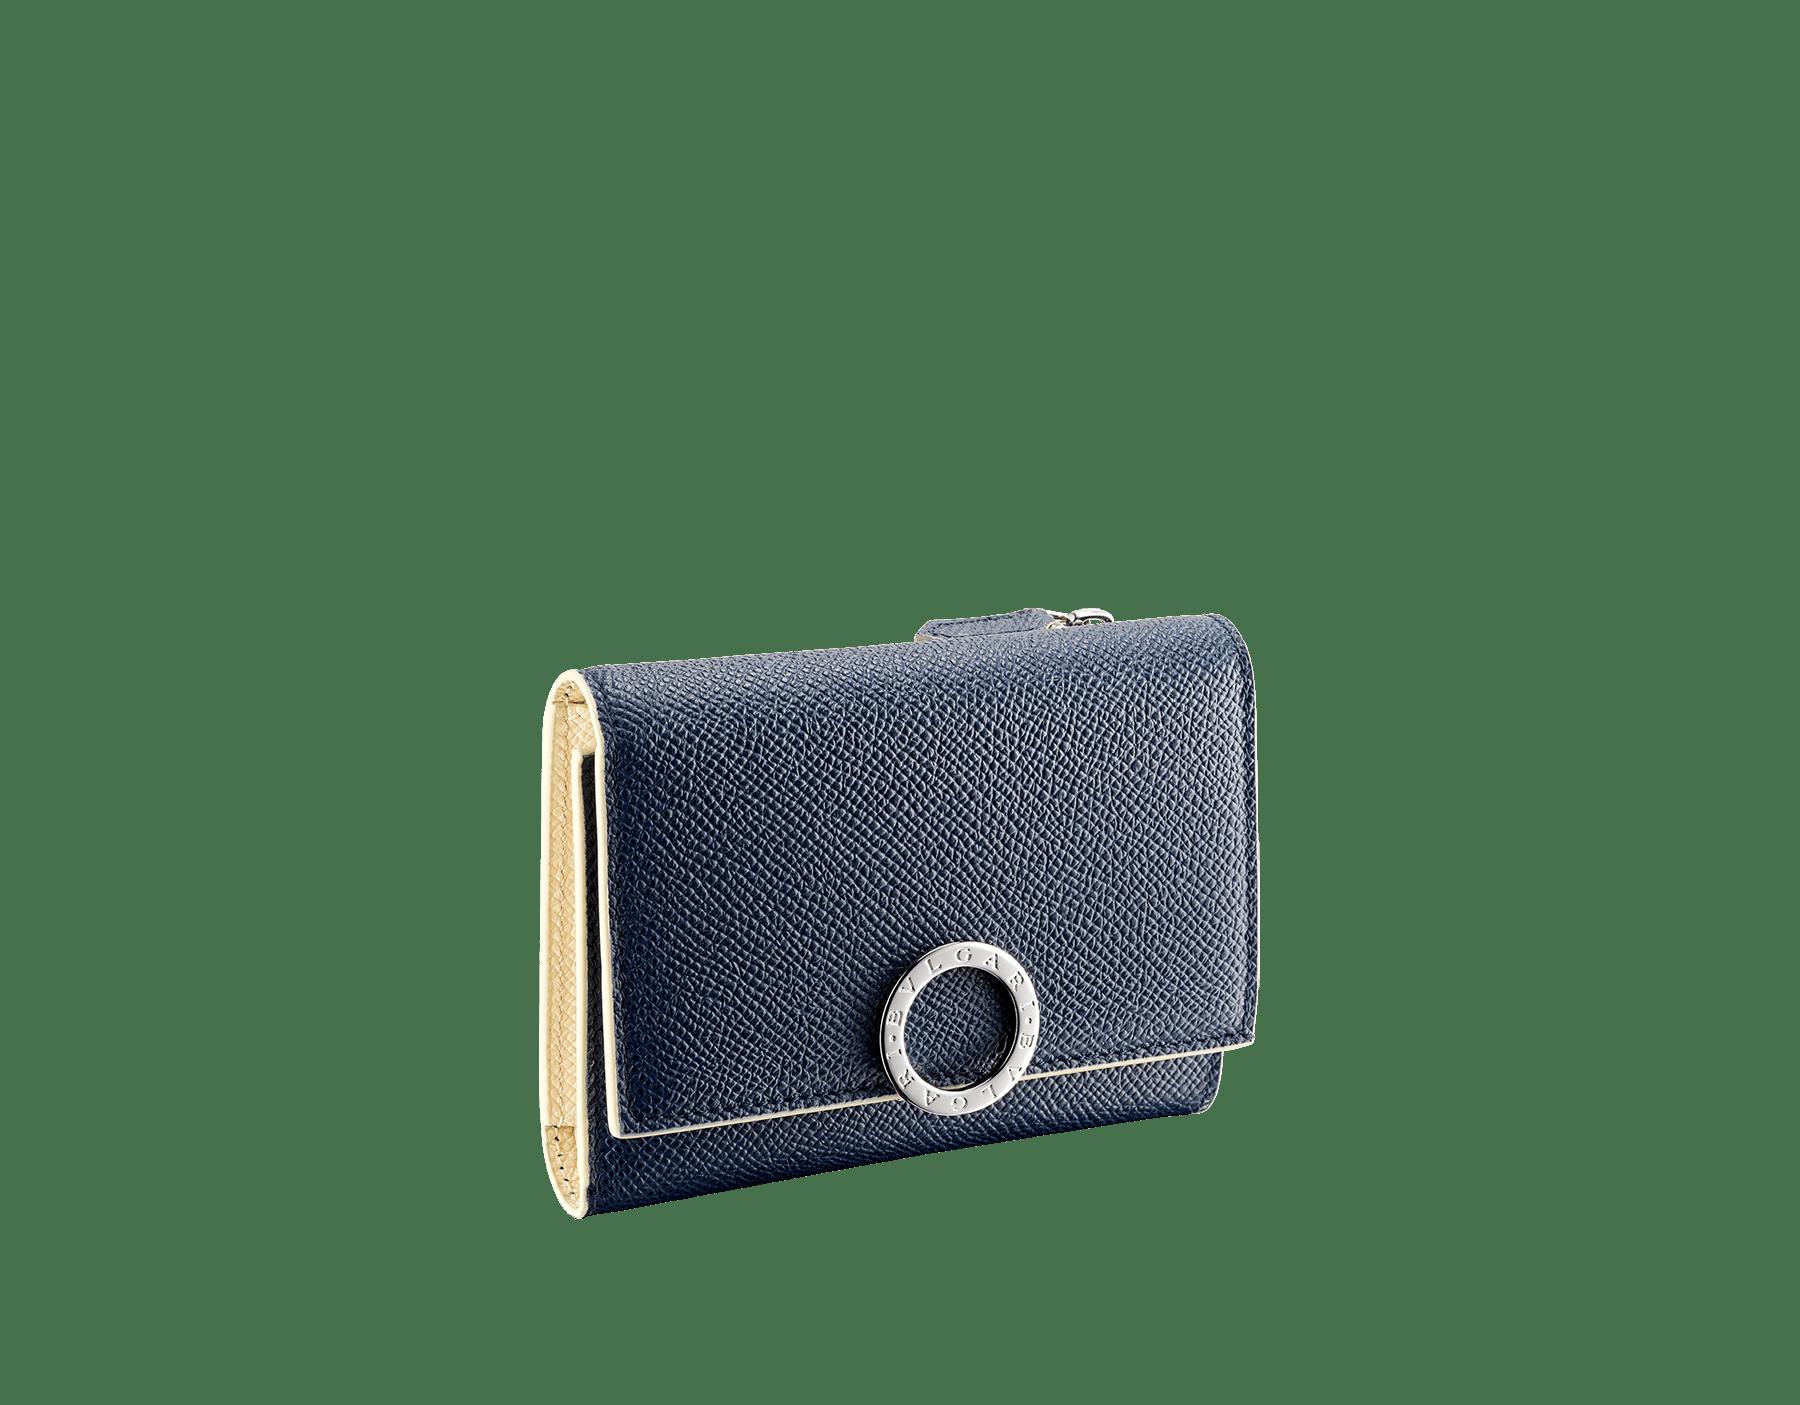 Portefeuille compact «Bvlgari Clip» en cuir de veau grainé couleur blanc Agate et couleur bleu Denim Sapphire. Fermoir emblématique orné du logo Bvlgari en laiton. BCM-YENCOMPACTZPb image 1